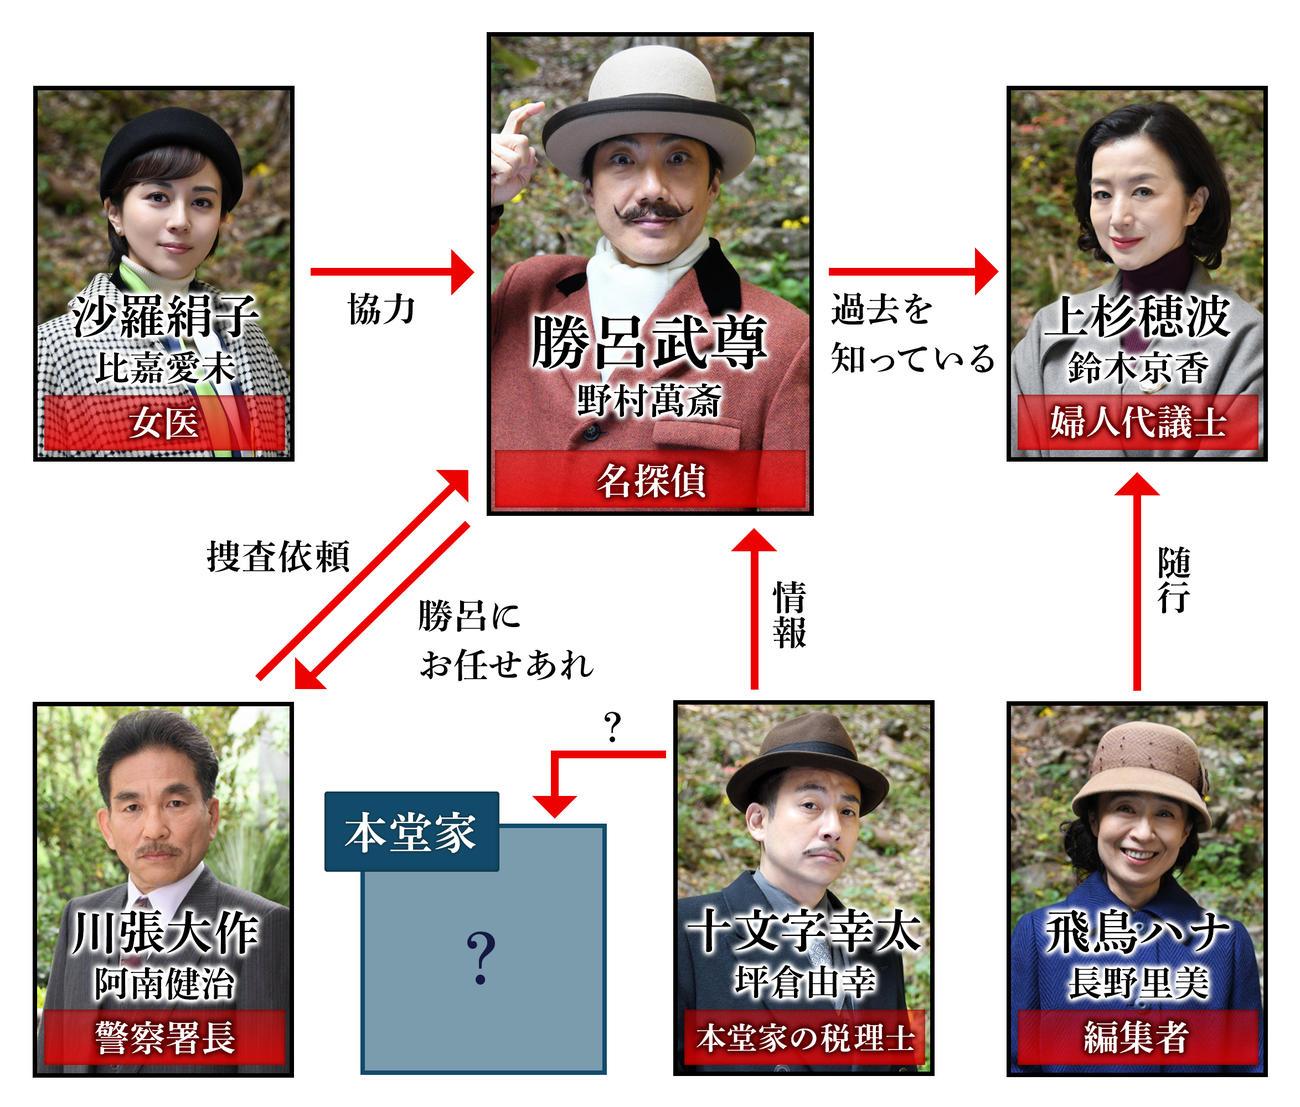 野村萬斎主演「死との約束」の出演者の相関図(C)フジテレビ